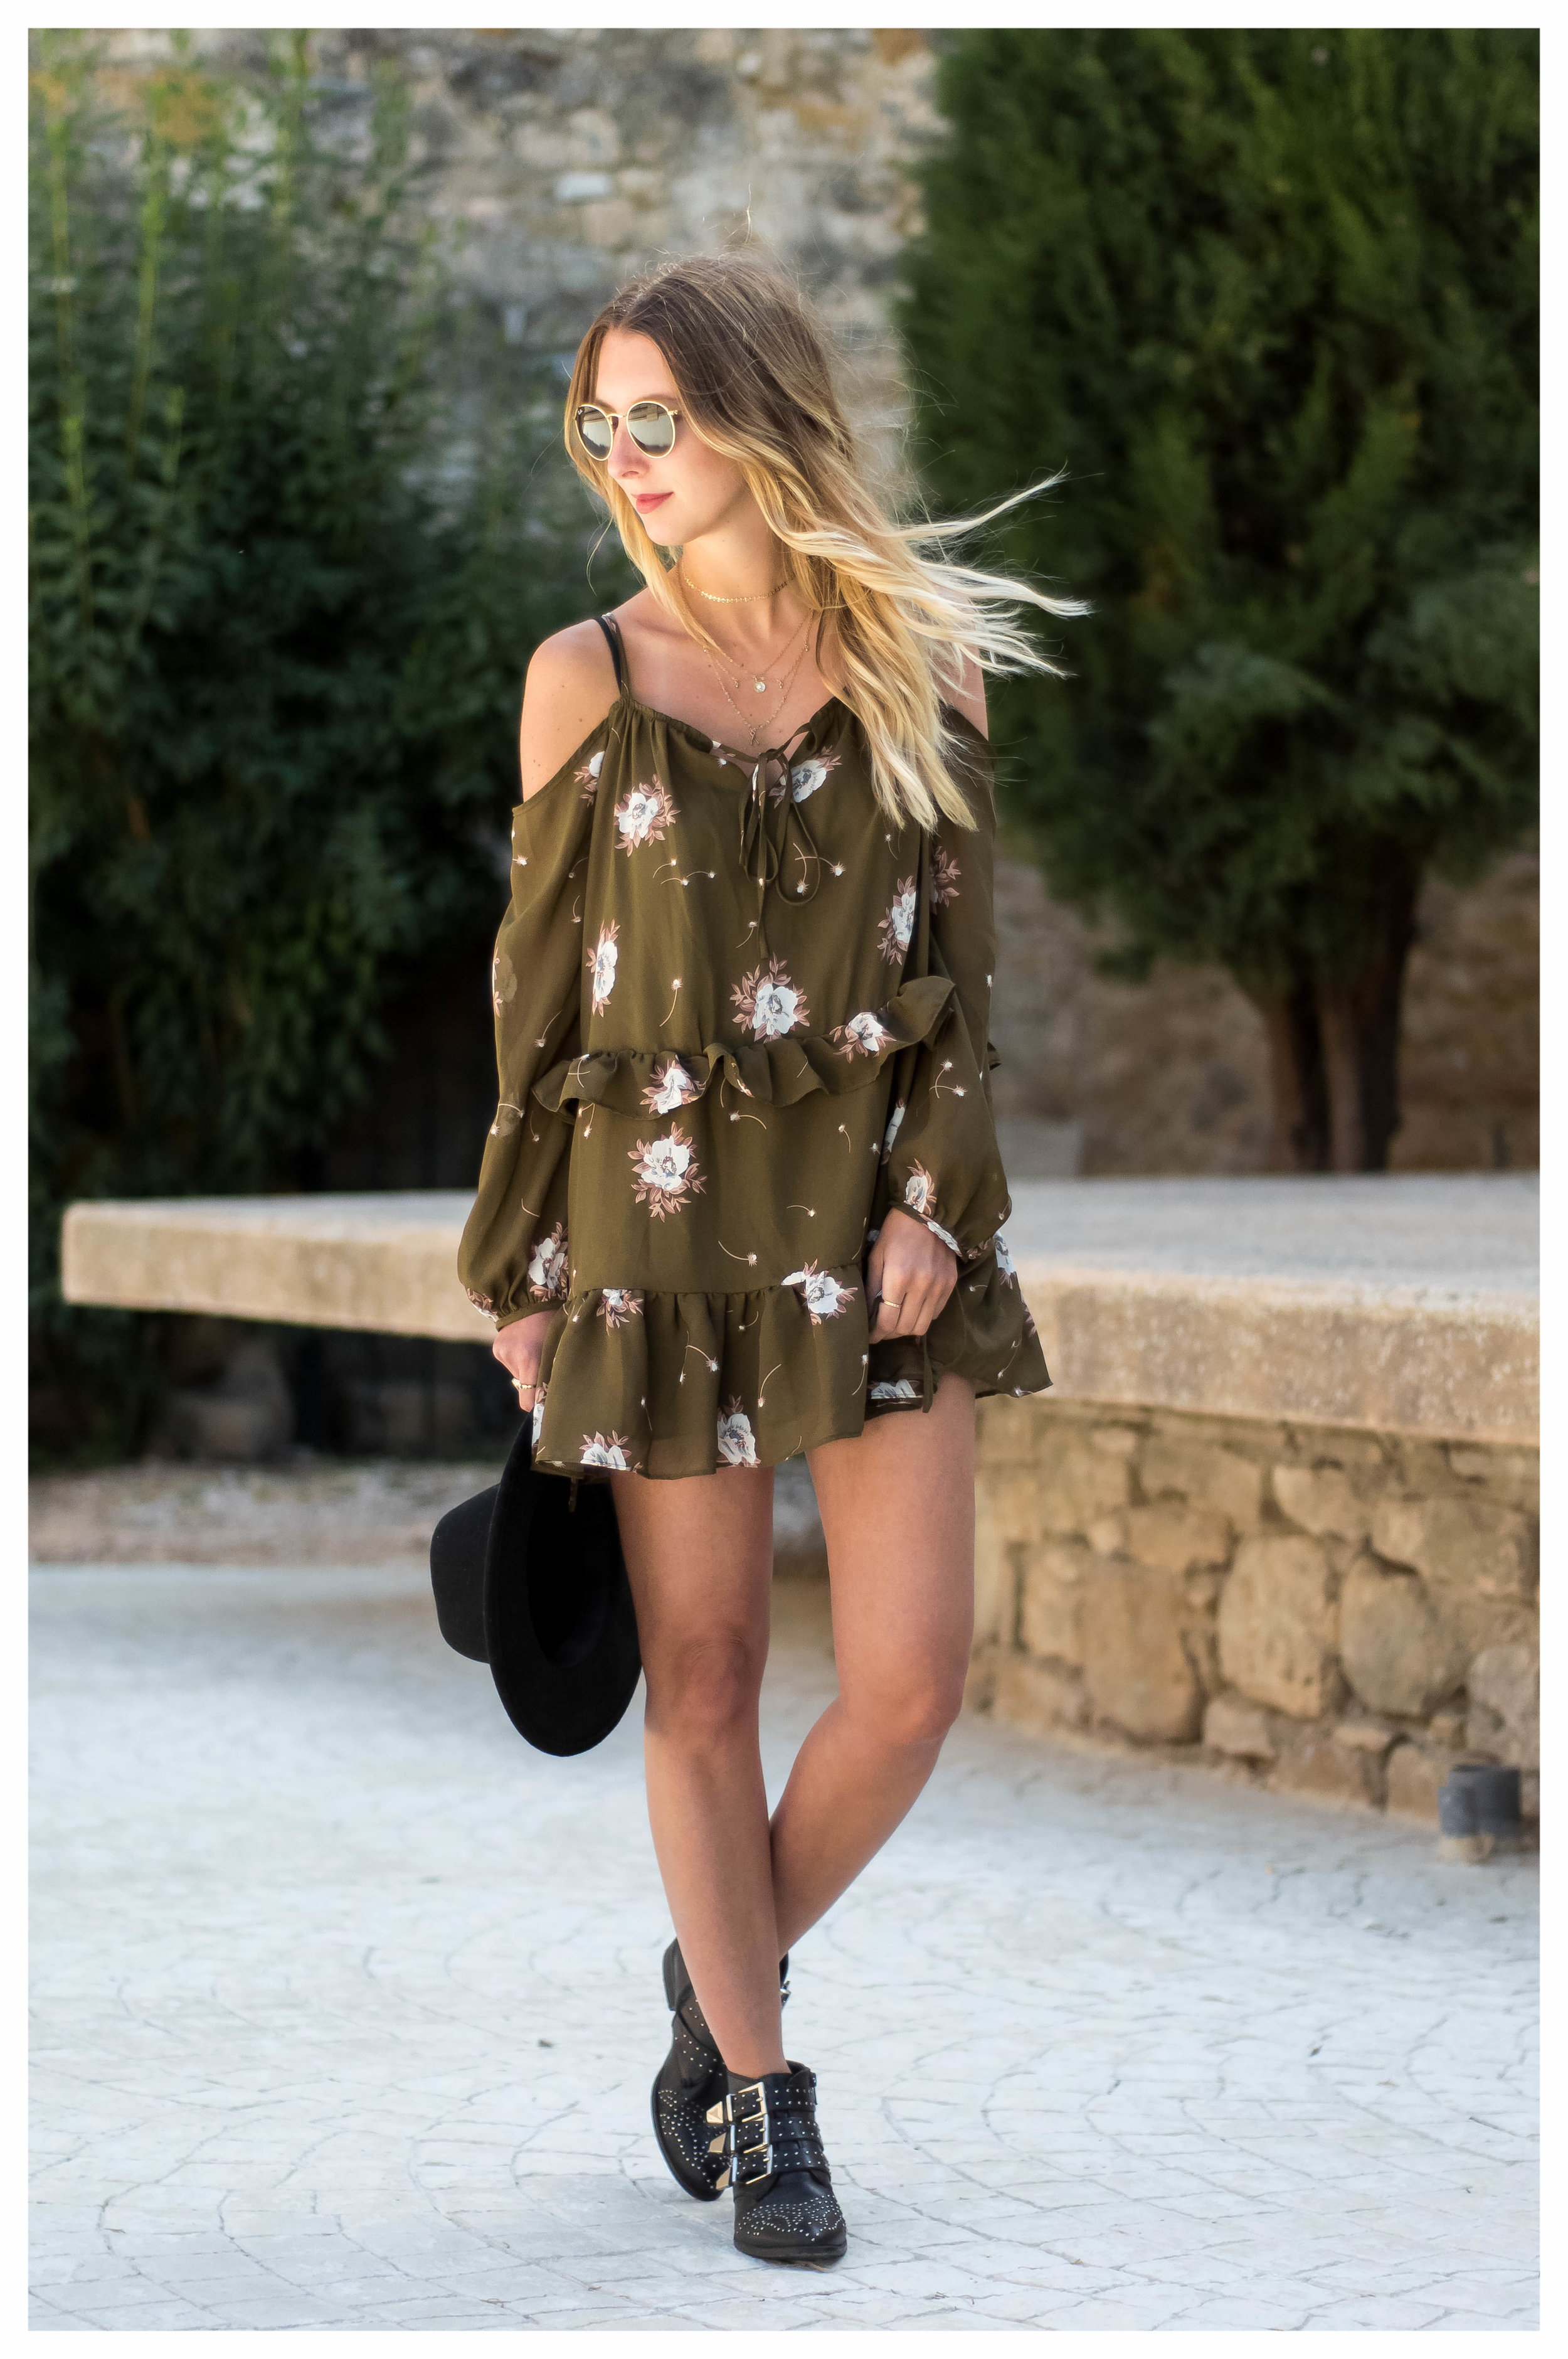 Cornillon Dress June - OSIARAH.COM (2 of 14).jpg